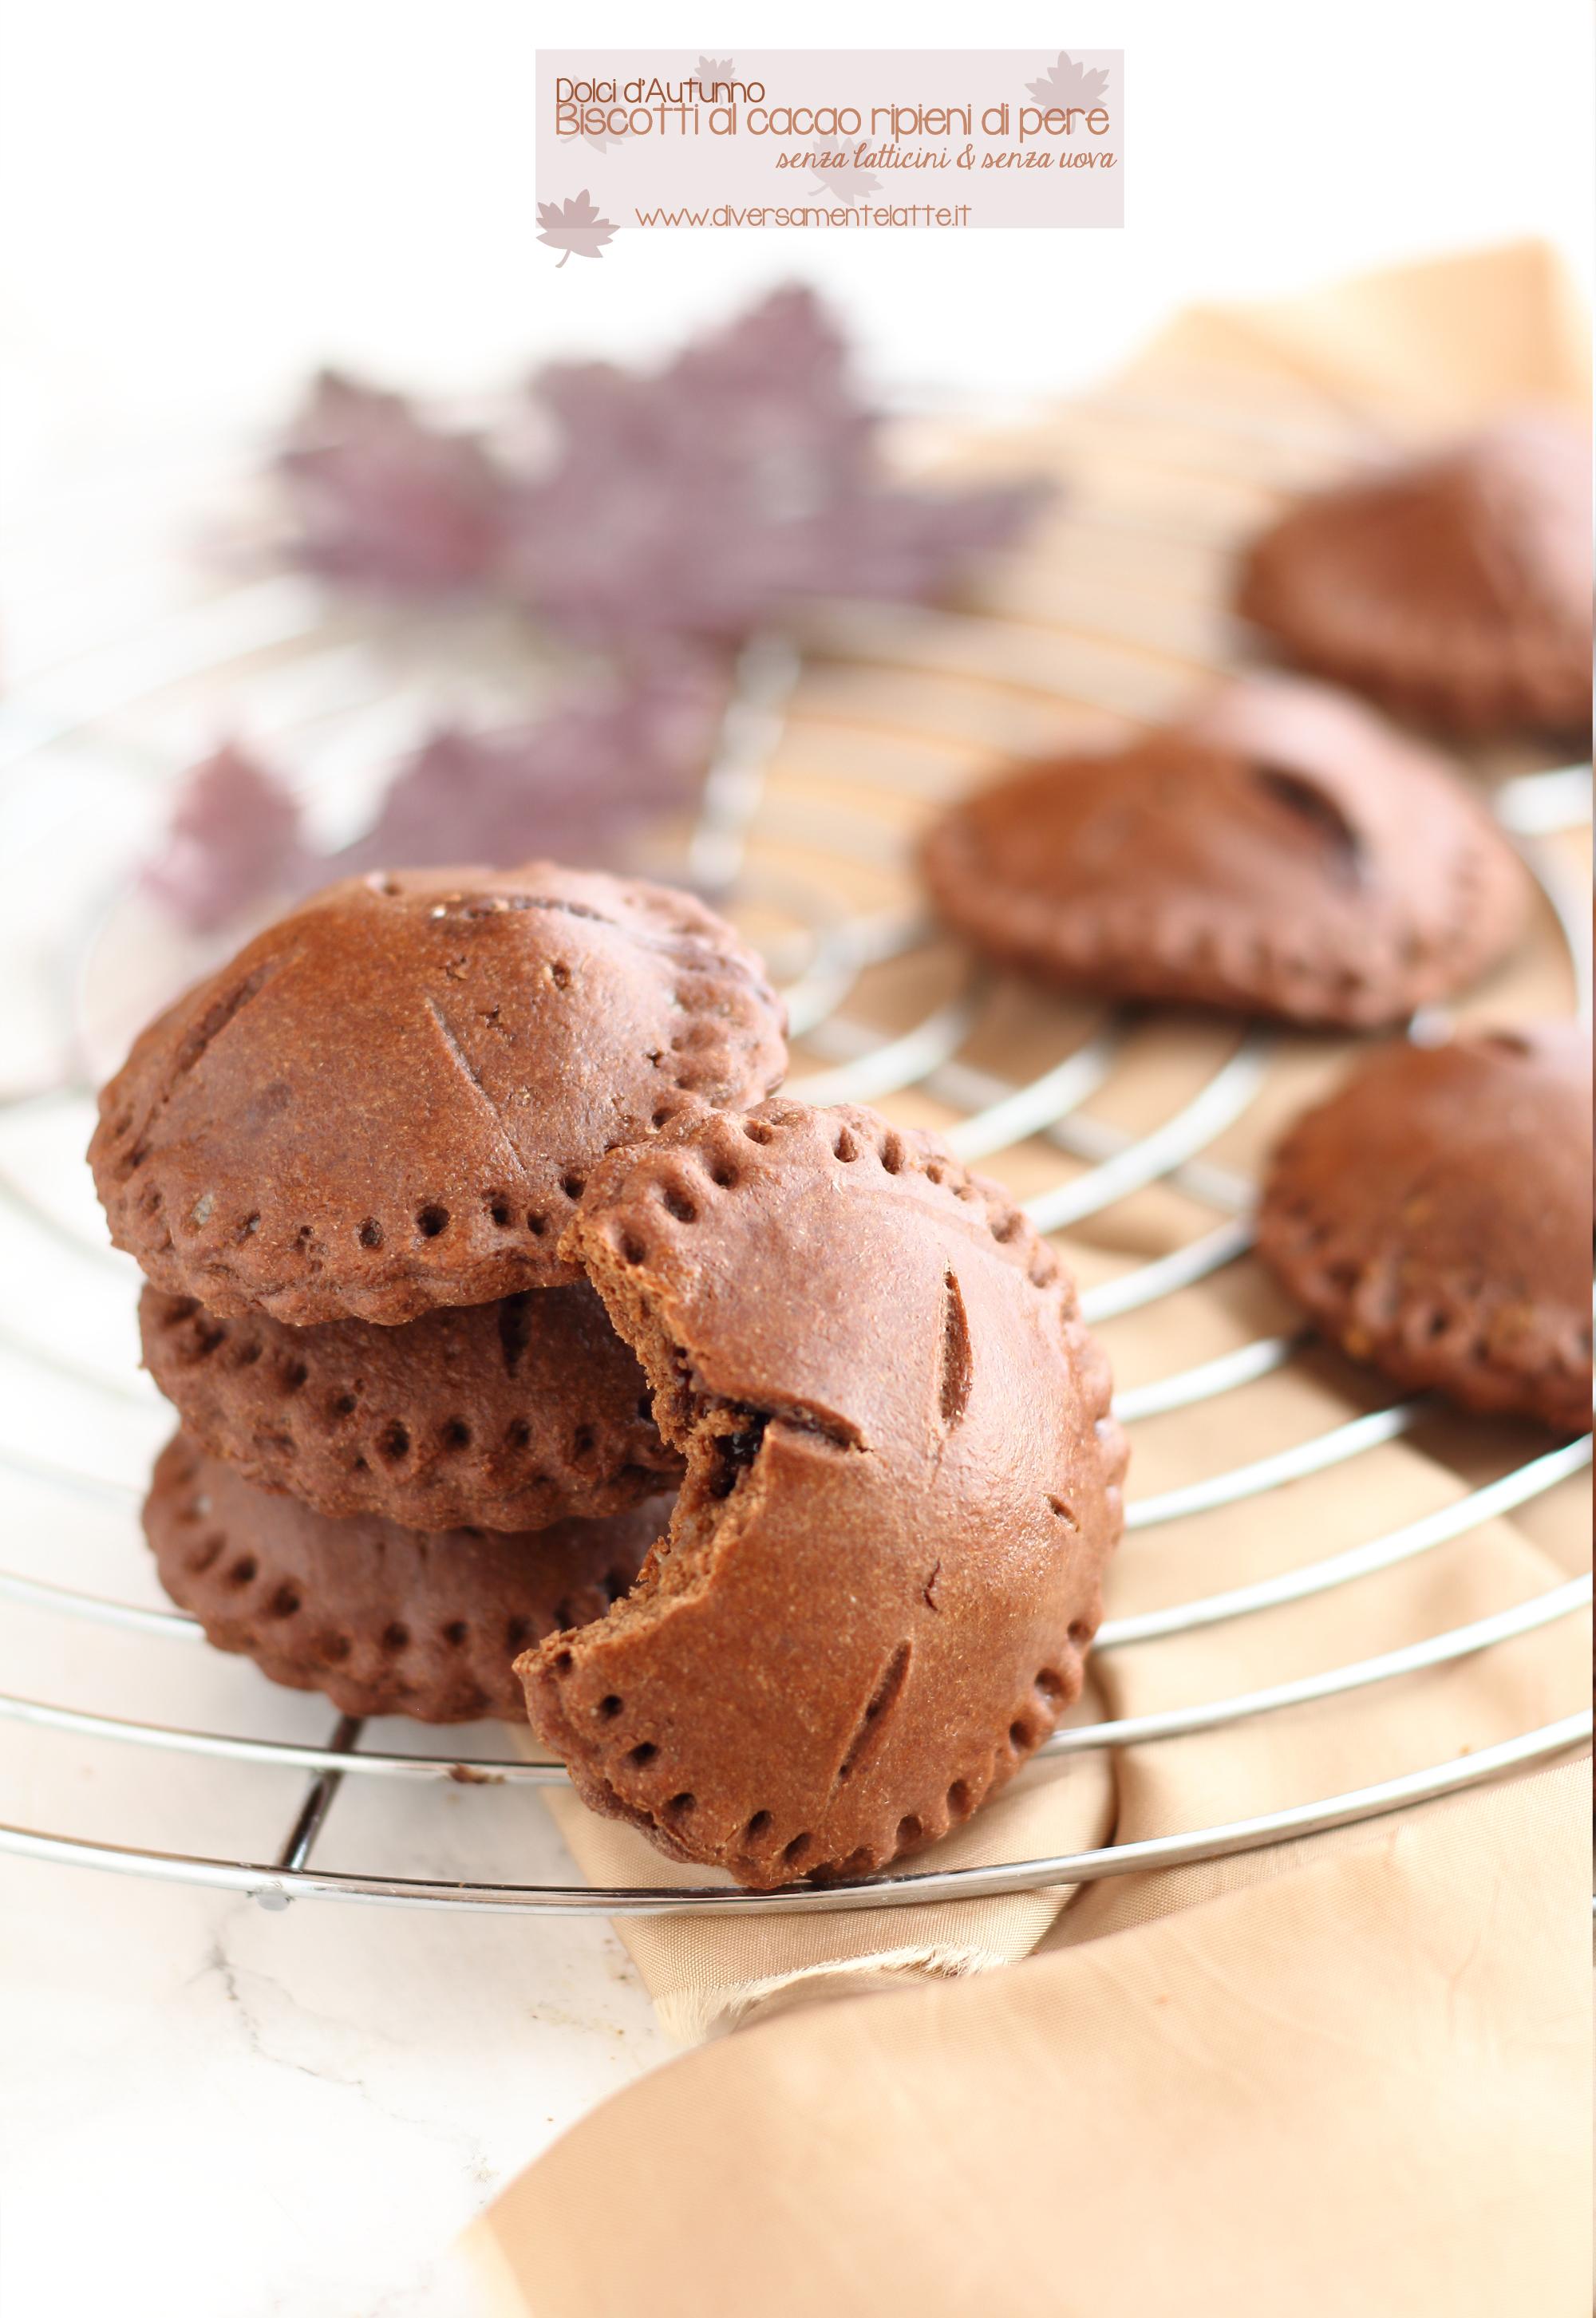 biscotti al cacao e pere senza latticini e senza uova